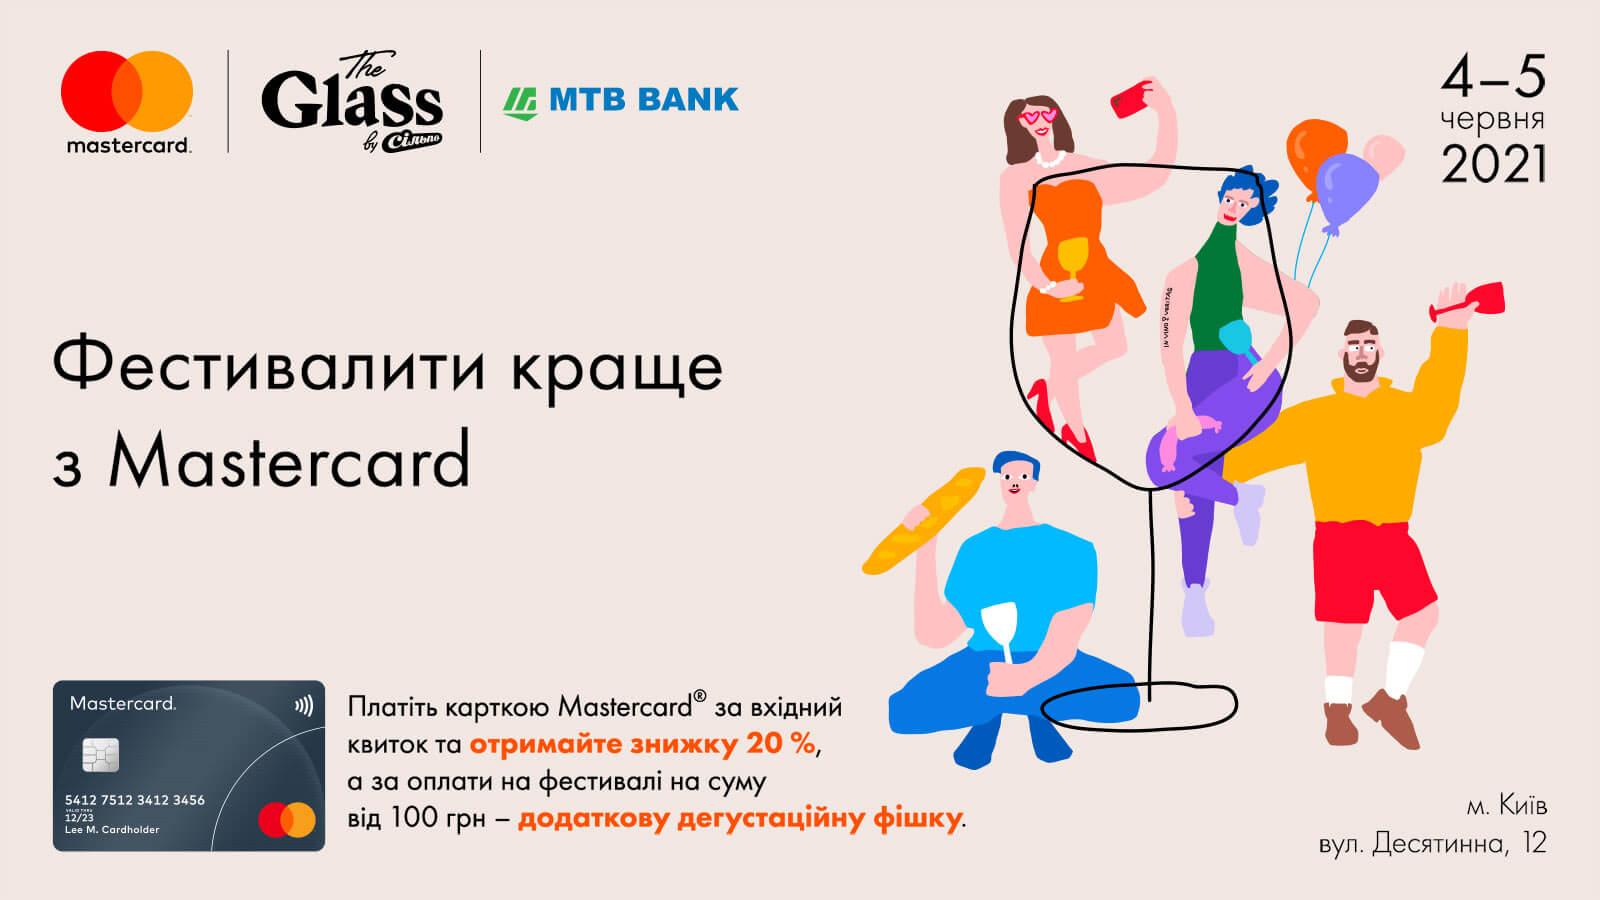 Фестивальний сезон Mastercard розпочинається  зі смаком на фестивалі The Glass від Сільпо! - фото - mtb.ua